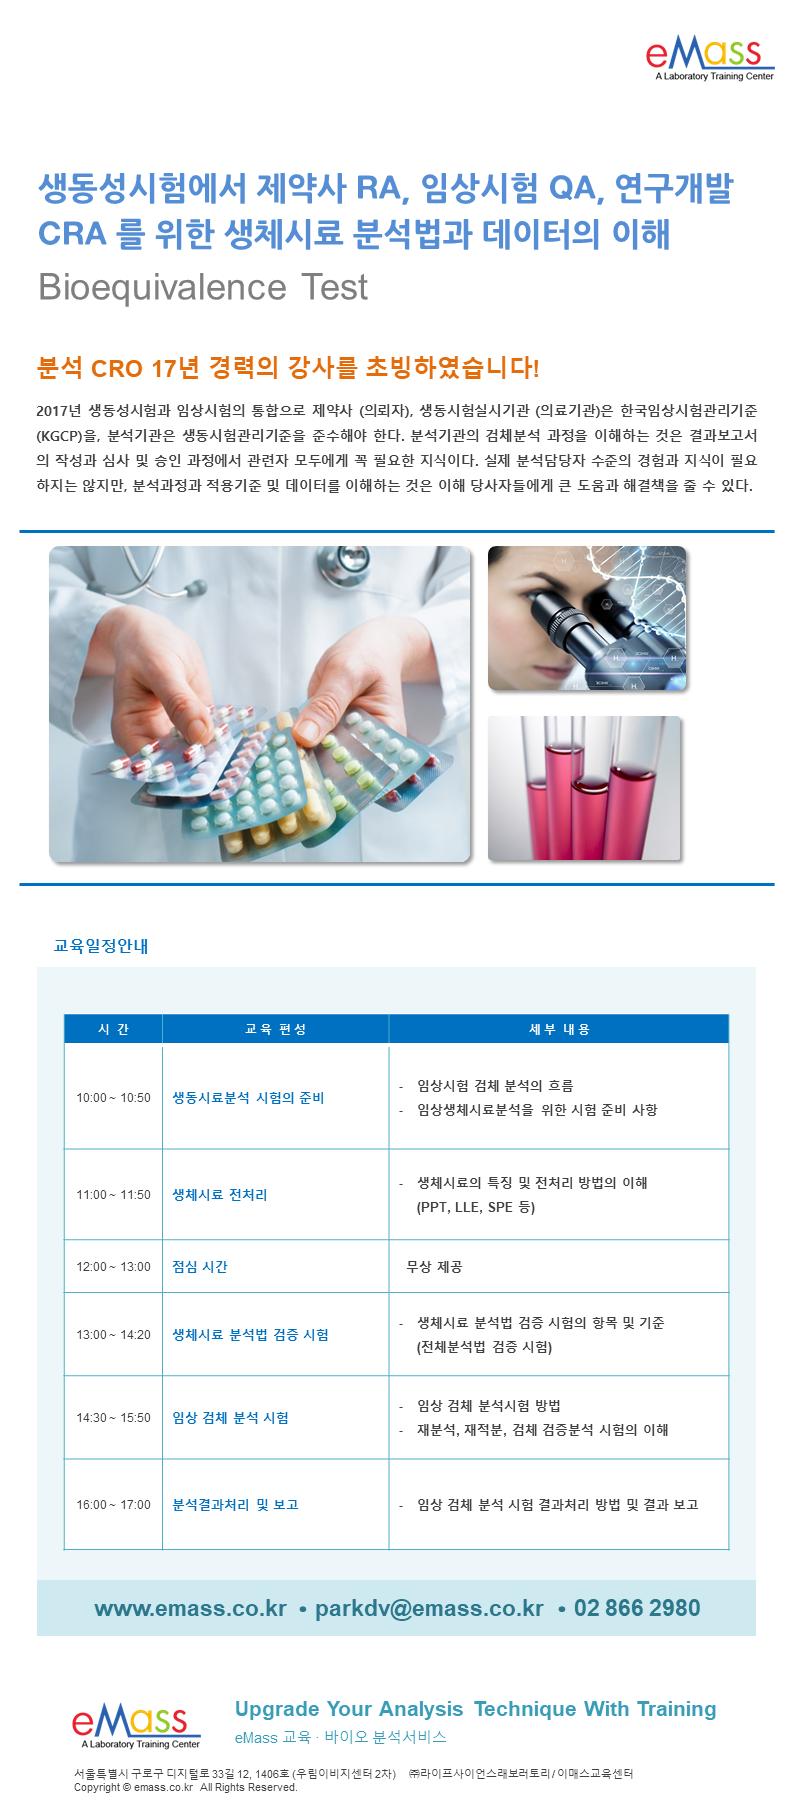 임상시험 종사자 생체시료 분석법 이해_1일 과정.png